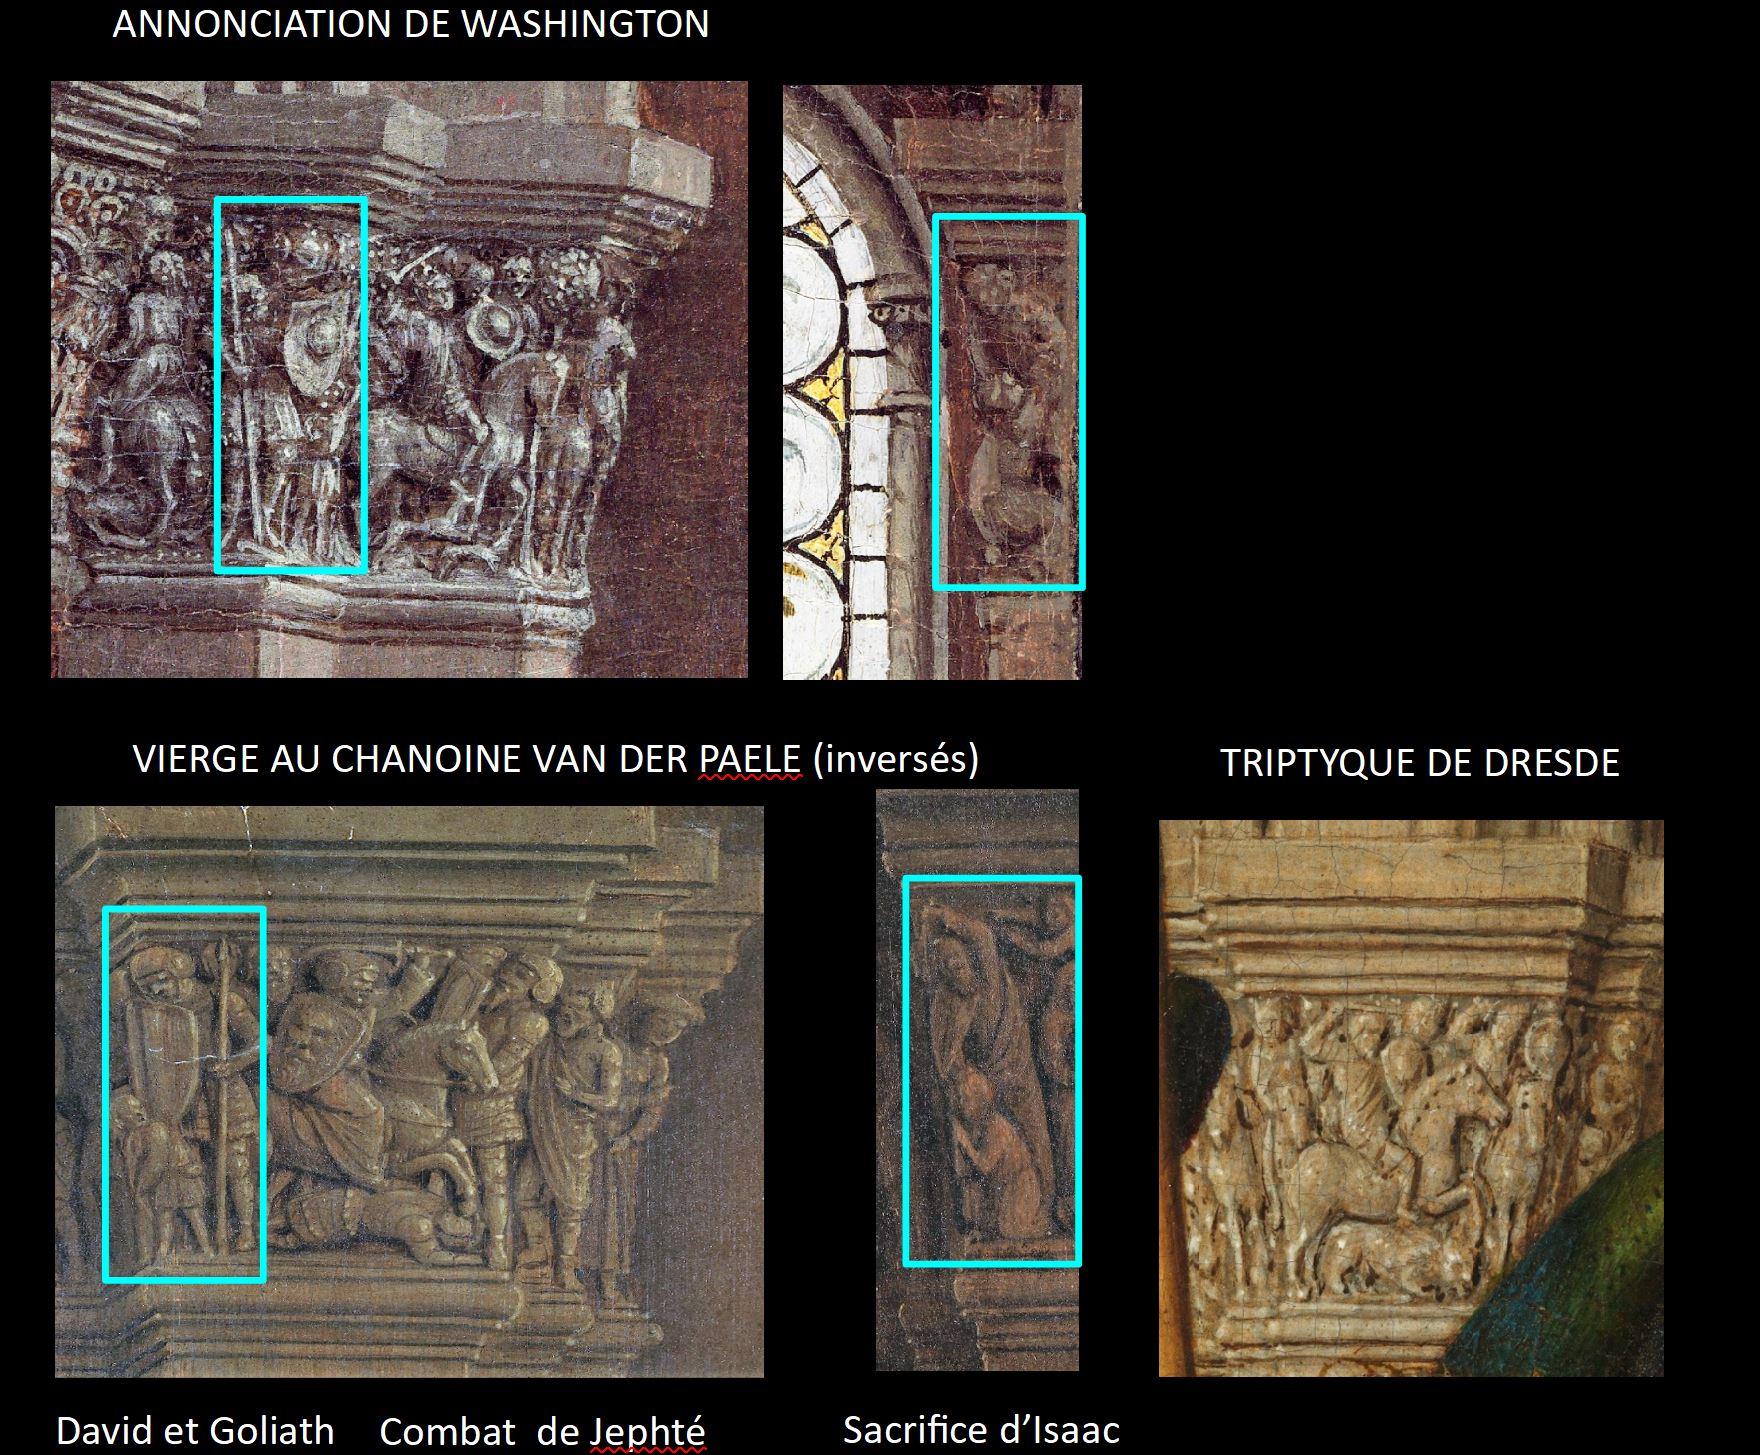 Van Eyck Annonciation 1434-36 NGA detail chapiteaux